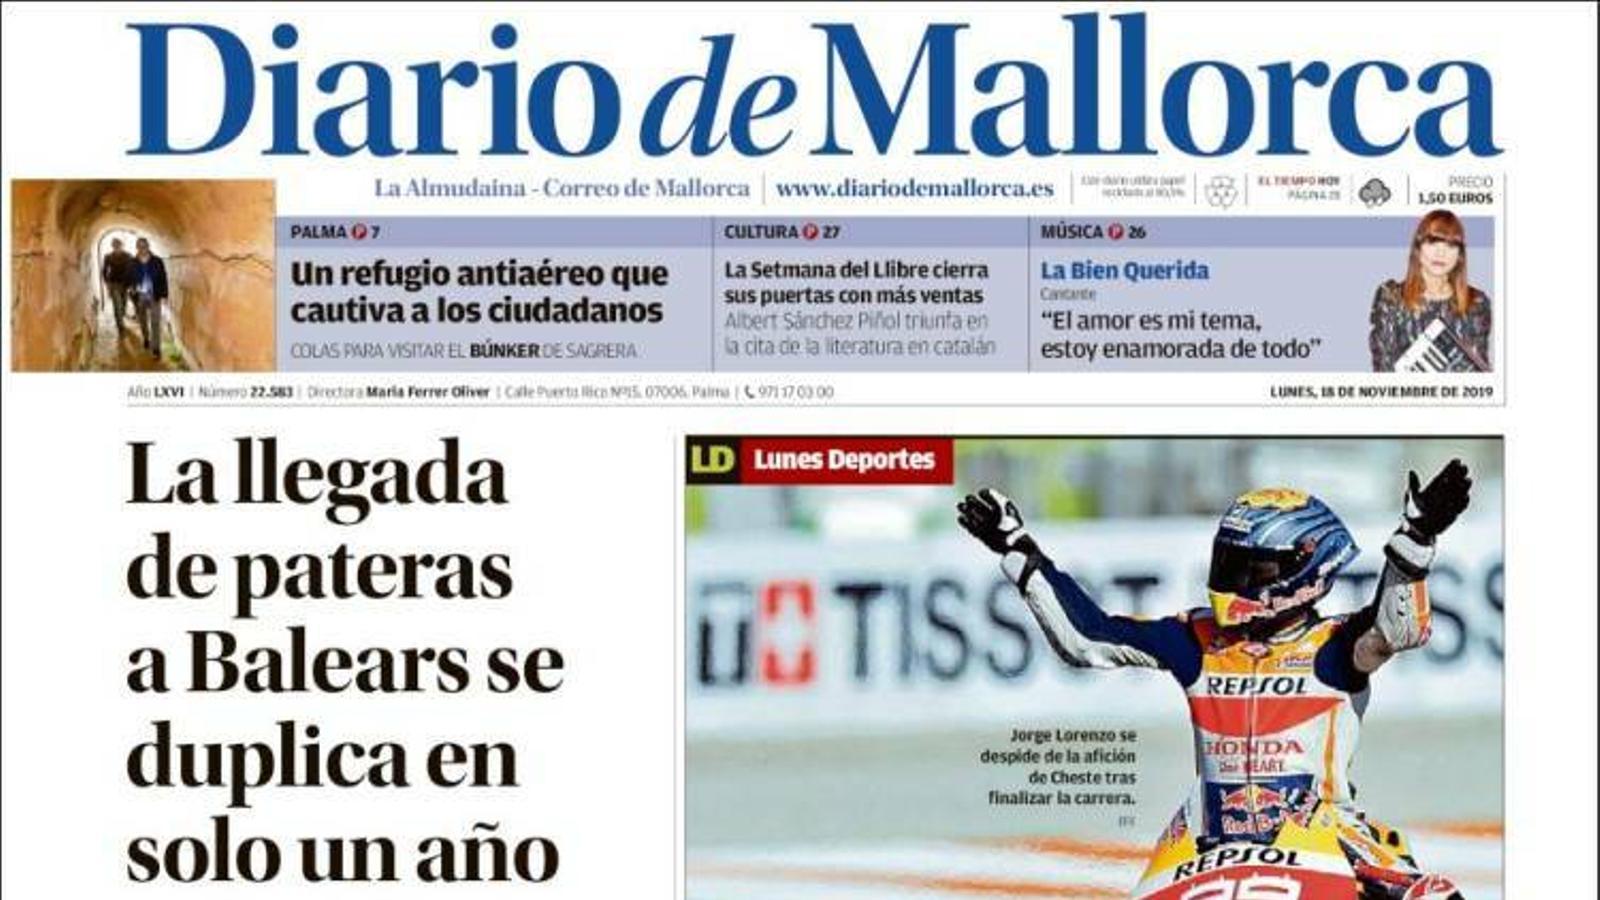 """""""L'arribada de pasteres a les Balears es duplica en un sol any"""", portada de 'Diario de Mallorca'"""